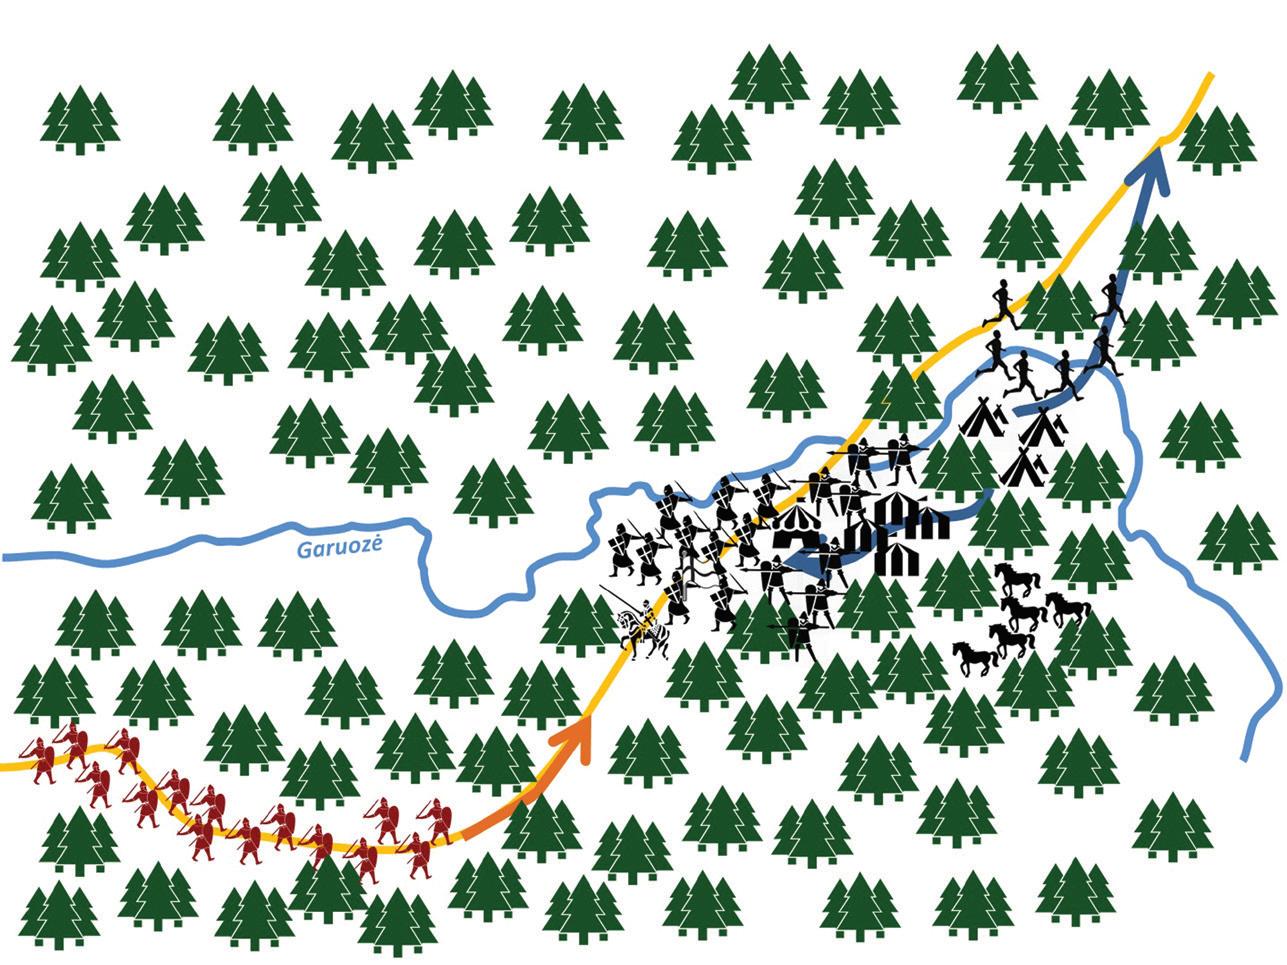 Pirmasis mūšio etapas. Pastebėję besiartinančius žiemgalius, kryžiuočiai telkiasi lankoje, prie jų jungiasi tarnai, piligrimai, miestiečiai, dalis lyvių ir latgalių. Kita lyvių ir latgalių dalis pabėga.